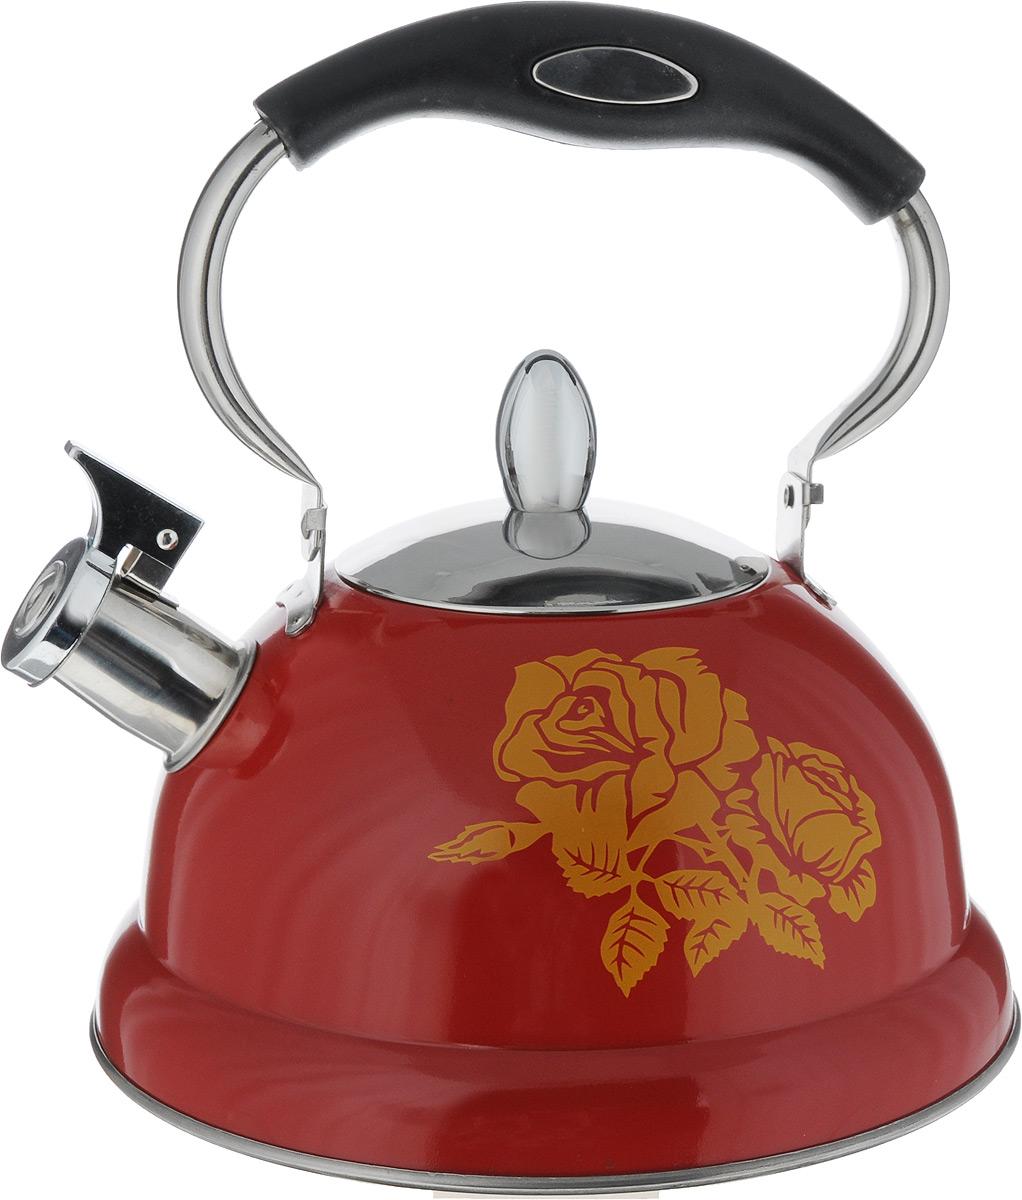 Чайник Mayer & Boch, со свистком, цвет: красный 2,6 л115510Чайник Mayer & Boch выполнен из высококачественной нержавеющей стали, что делает его весьма гигиеничным и устойчивым к износу при длительном использовании. Капсулированное дно с прослойкой из алюминия обеспечивает наилучшее распределение тепла. Носик чайника оснащен насадкой-свистком, что позволит вам контролировать процесс подогрева или кипячения воды. Подвижная ручка, оснащенная бакелитовой вставкой, обеспечивает дополнительное удобство при разлитии напитка. Поверхность чайника гладкая, что облегчает уход за ним. Эстетичный и функциональный чайник будет оригинально смотреться в любом интерьере.Подходит для всех типов плит, включая индукционные. Можно мыть в посудомоечной машине.Высота чайника (без учета ручки и крышки): 11,5 см.Высота чайника (с учетом ручки и крышки): 24,5 см.Диаметр чайника (по верхнему краю): 10 см.Диаметр индукционного диска: 17,5 см.Диаметр основания: 22 см.